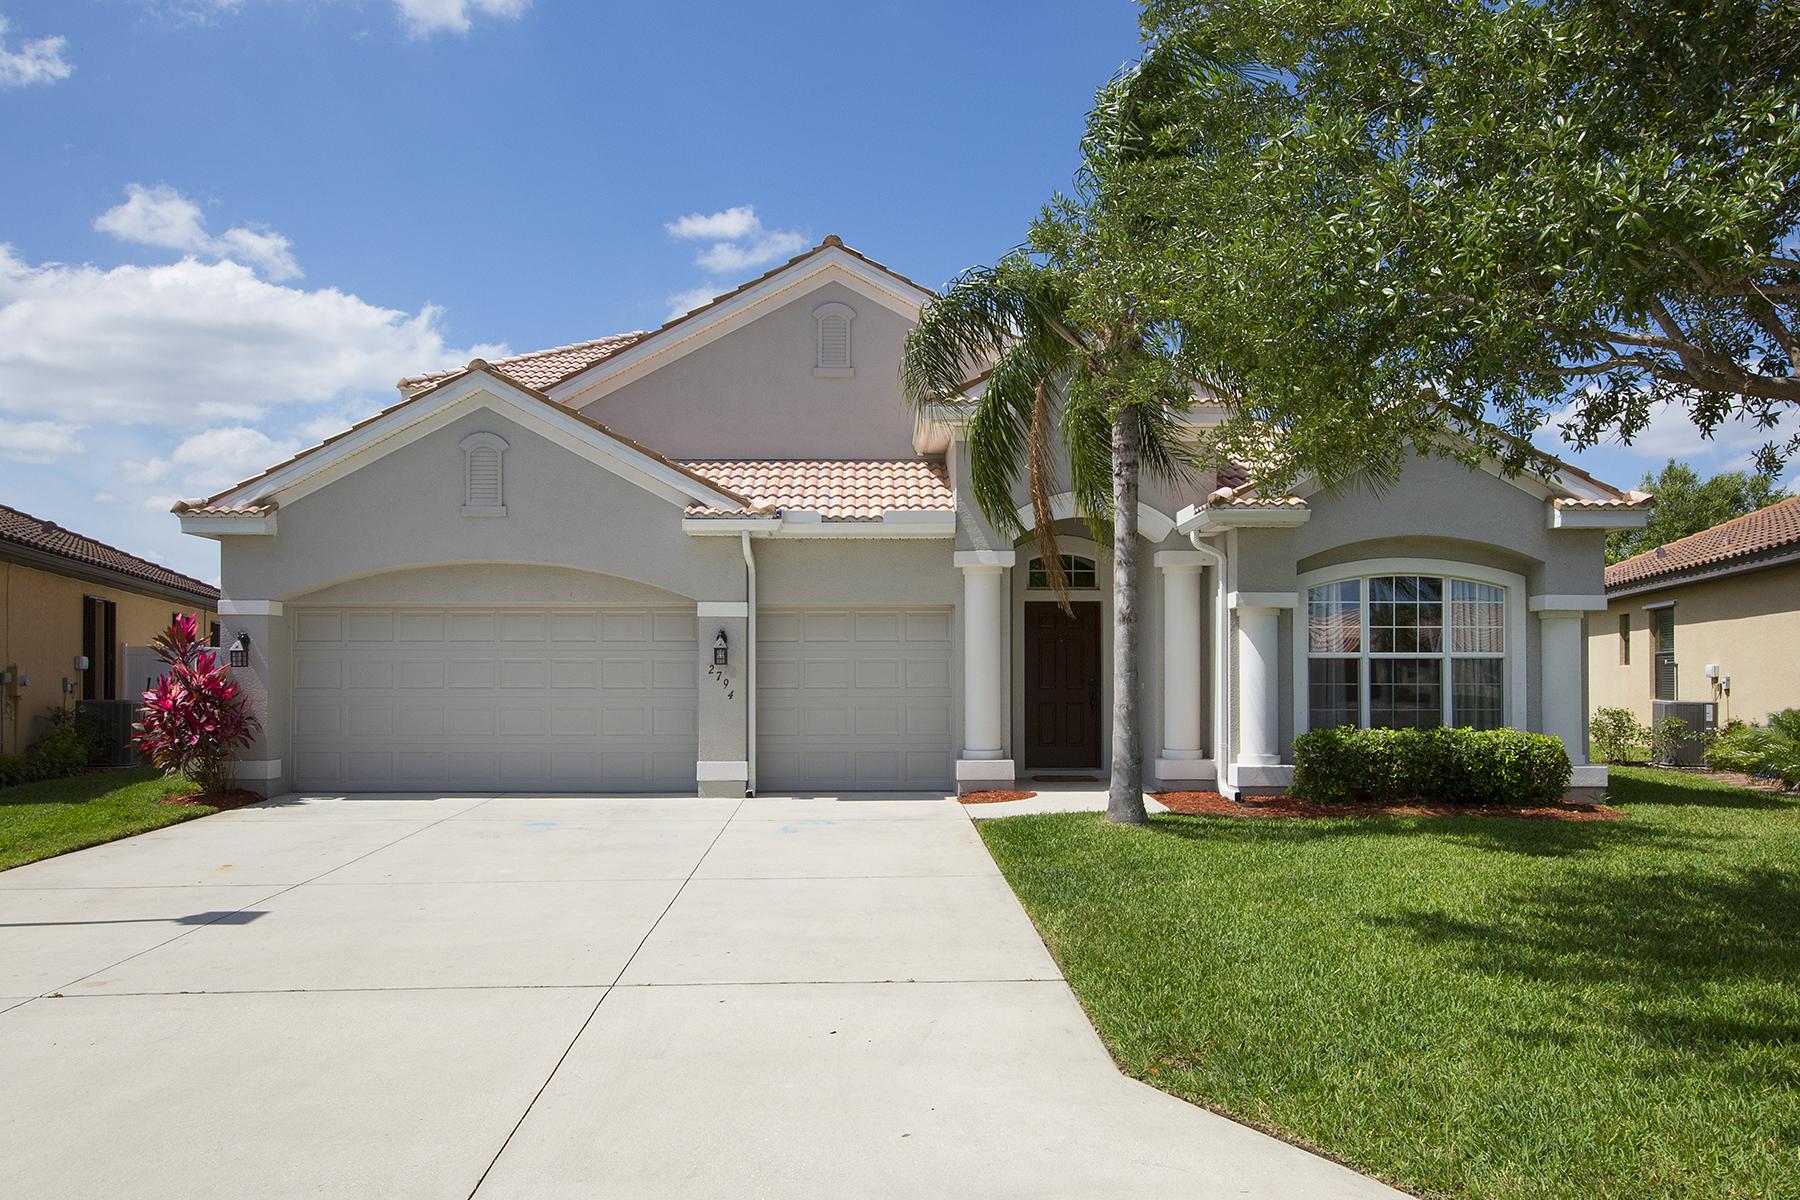 Casa Unifamiliar por un Venta en 2794 Via Piazza Loop , Fort Myers, FL 33905 2794 Via Piazza Loop Fort Myers, Florida, 33905 Estados Unidos